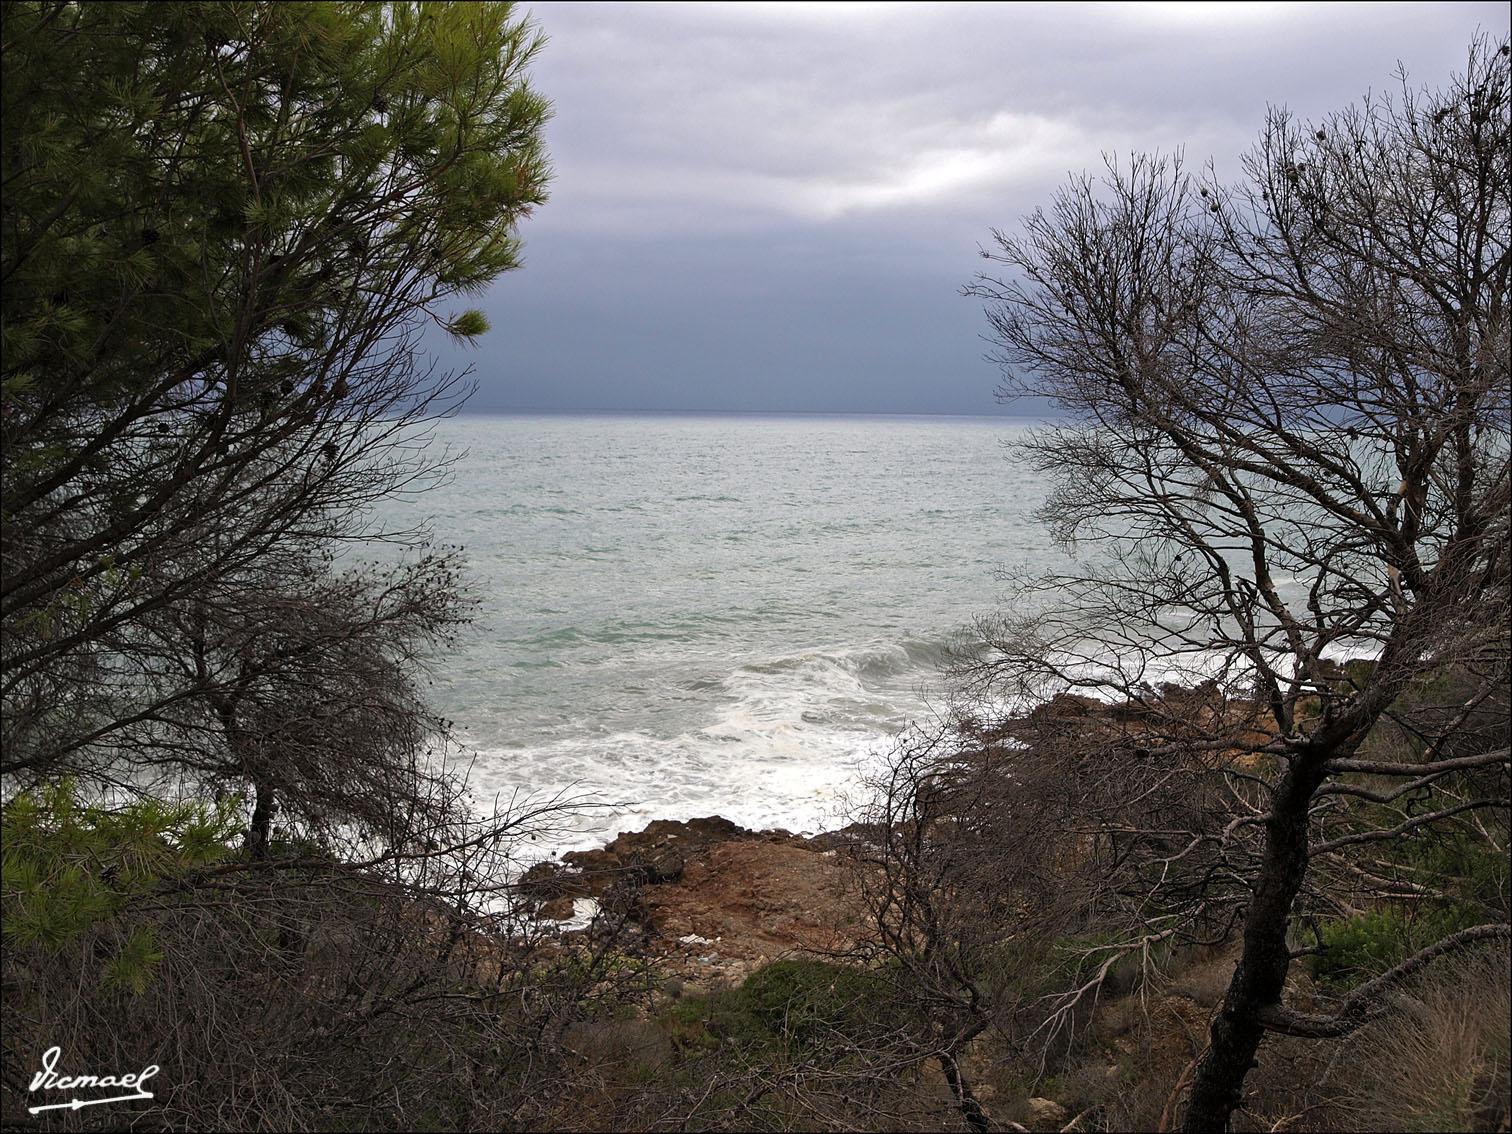 Foto playa Renega. 090905-52 CAMINO VERDE OROPESA-BENICASIN